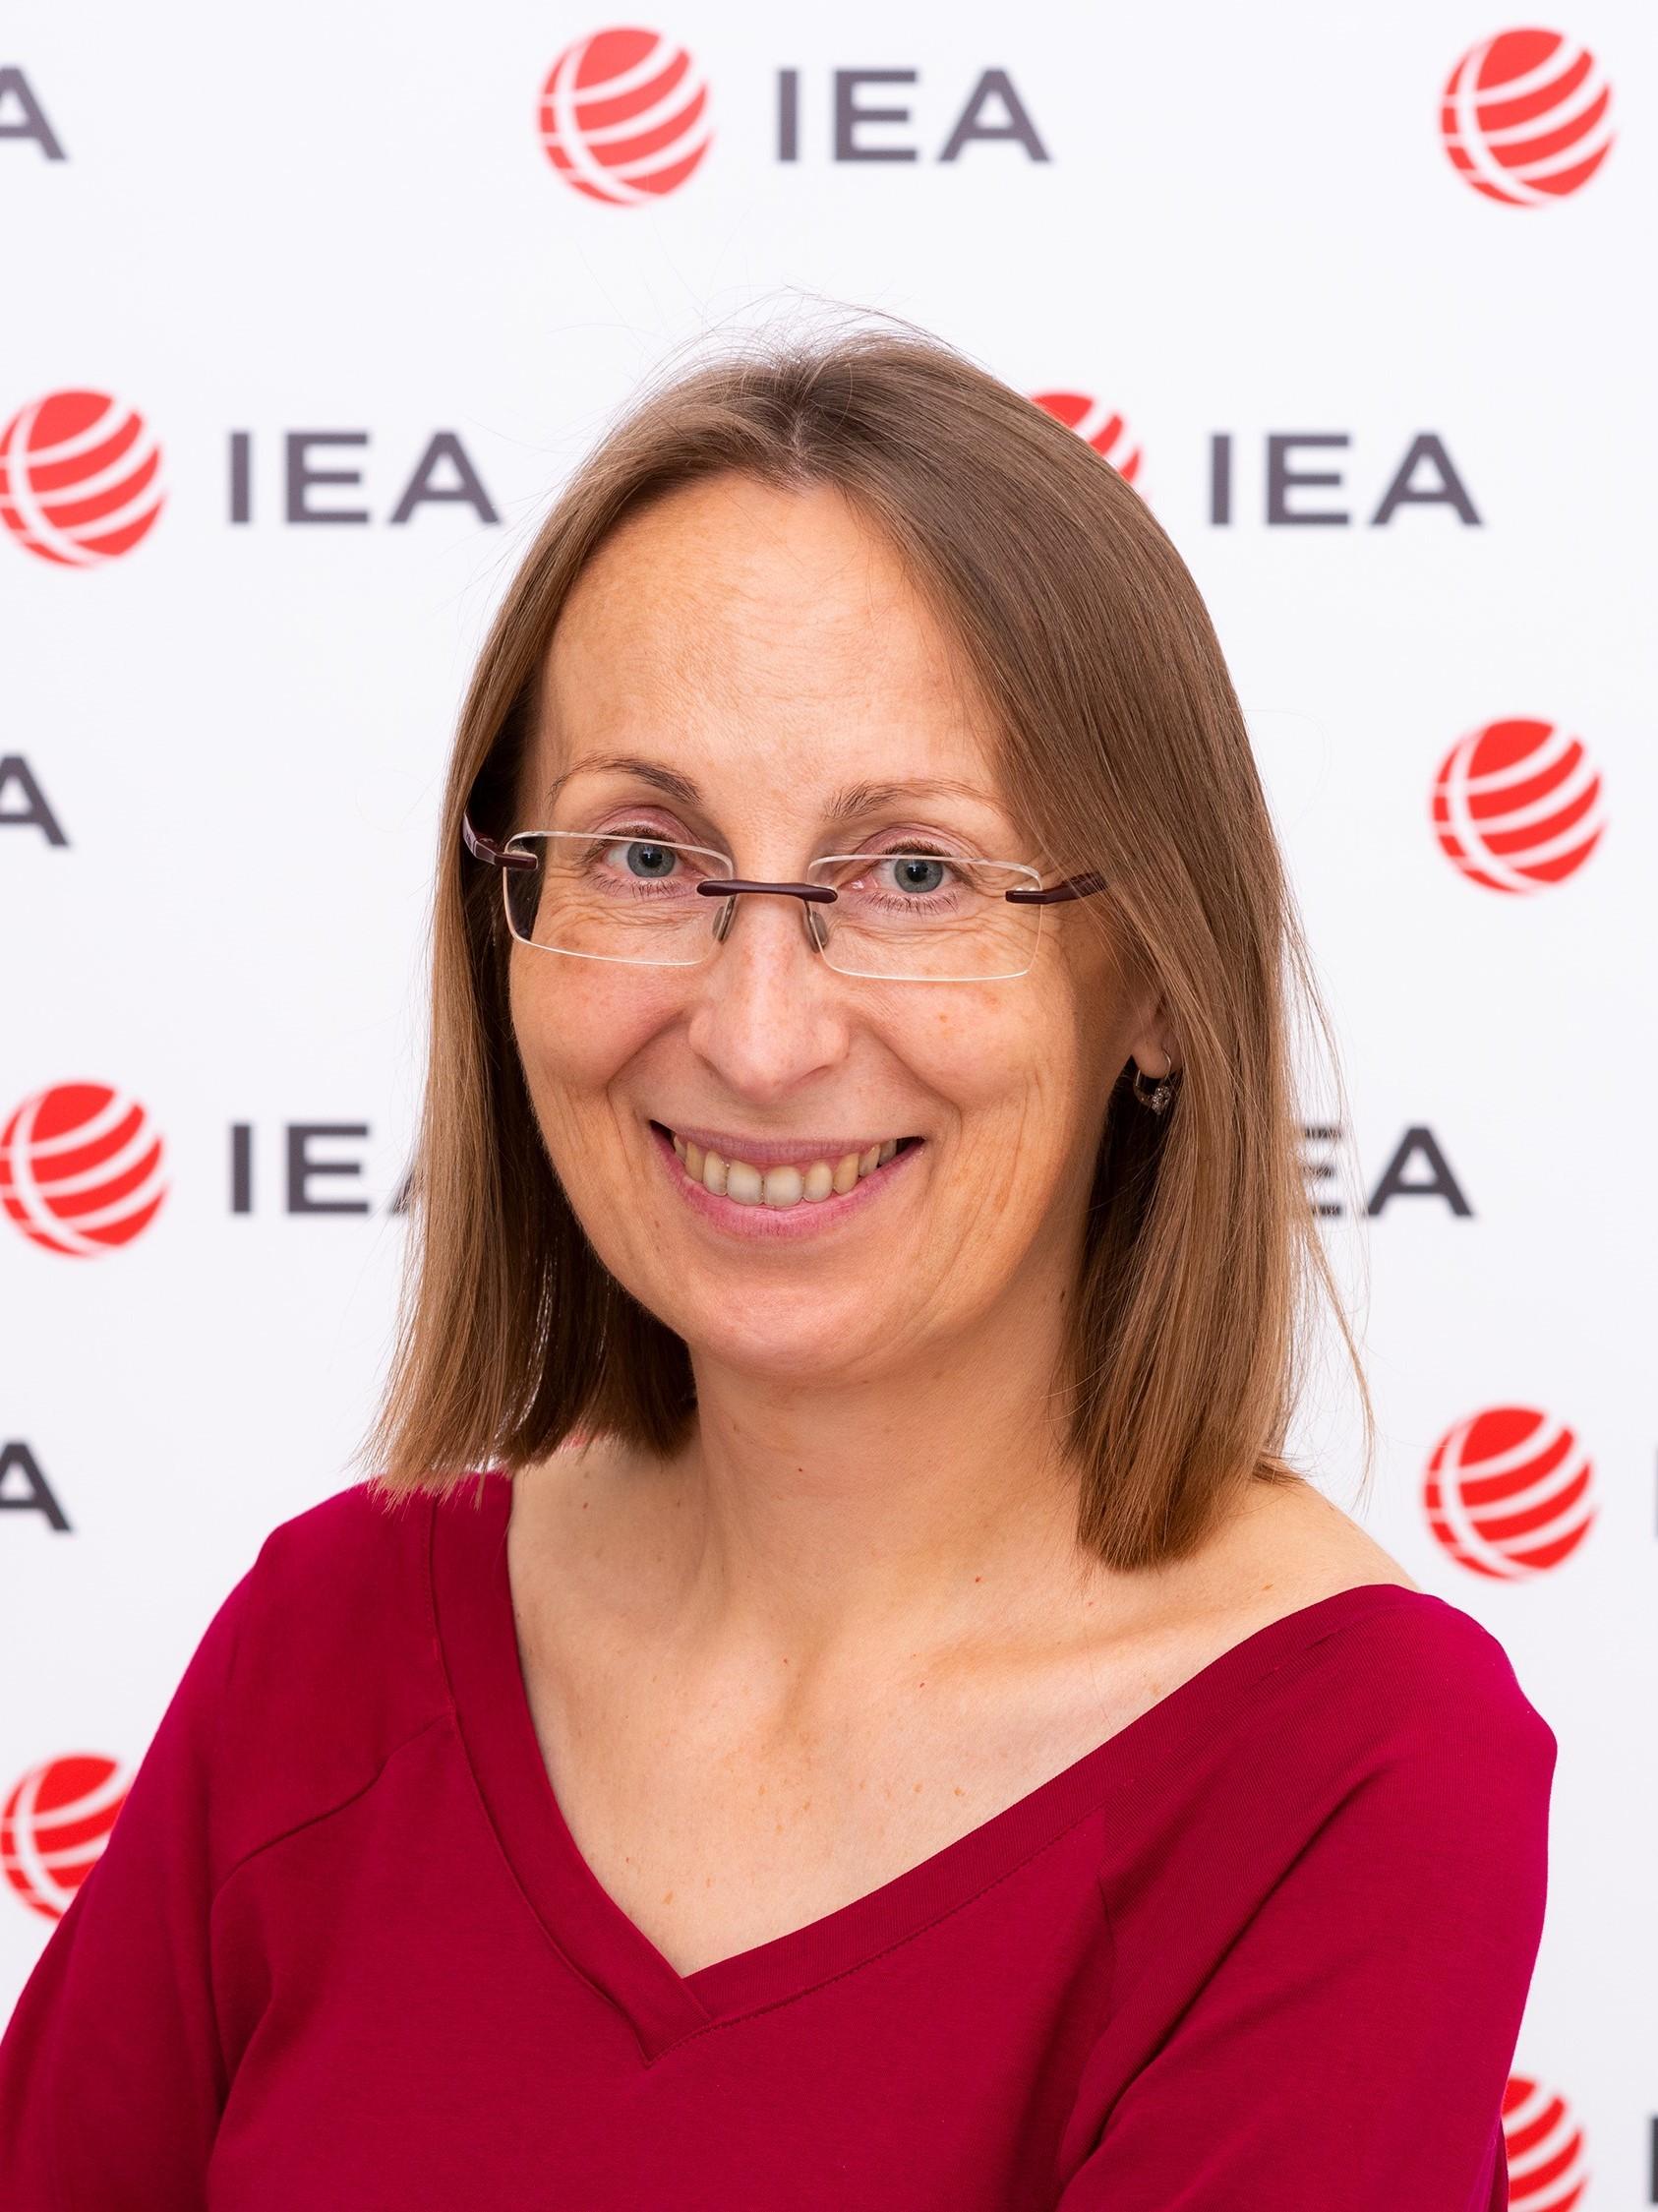 Paula_Korsnakova from IEA